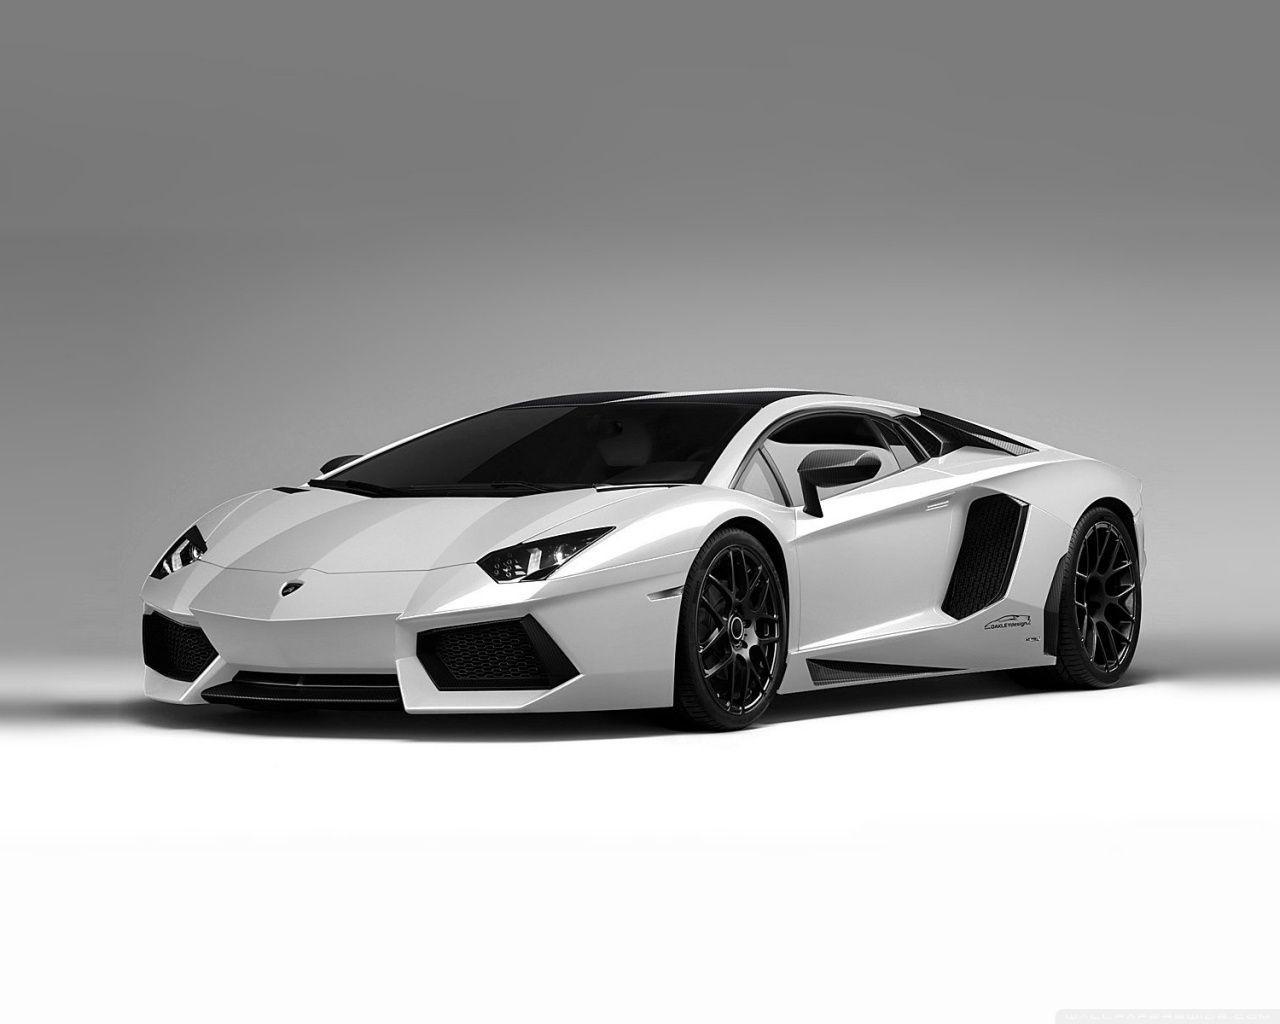 White Lamborghini Wallpapers Top Free White Lamborghini Backgrounds Wallpaperaccess